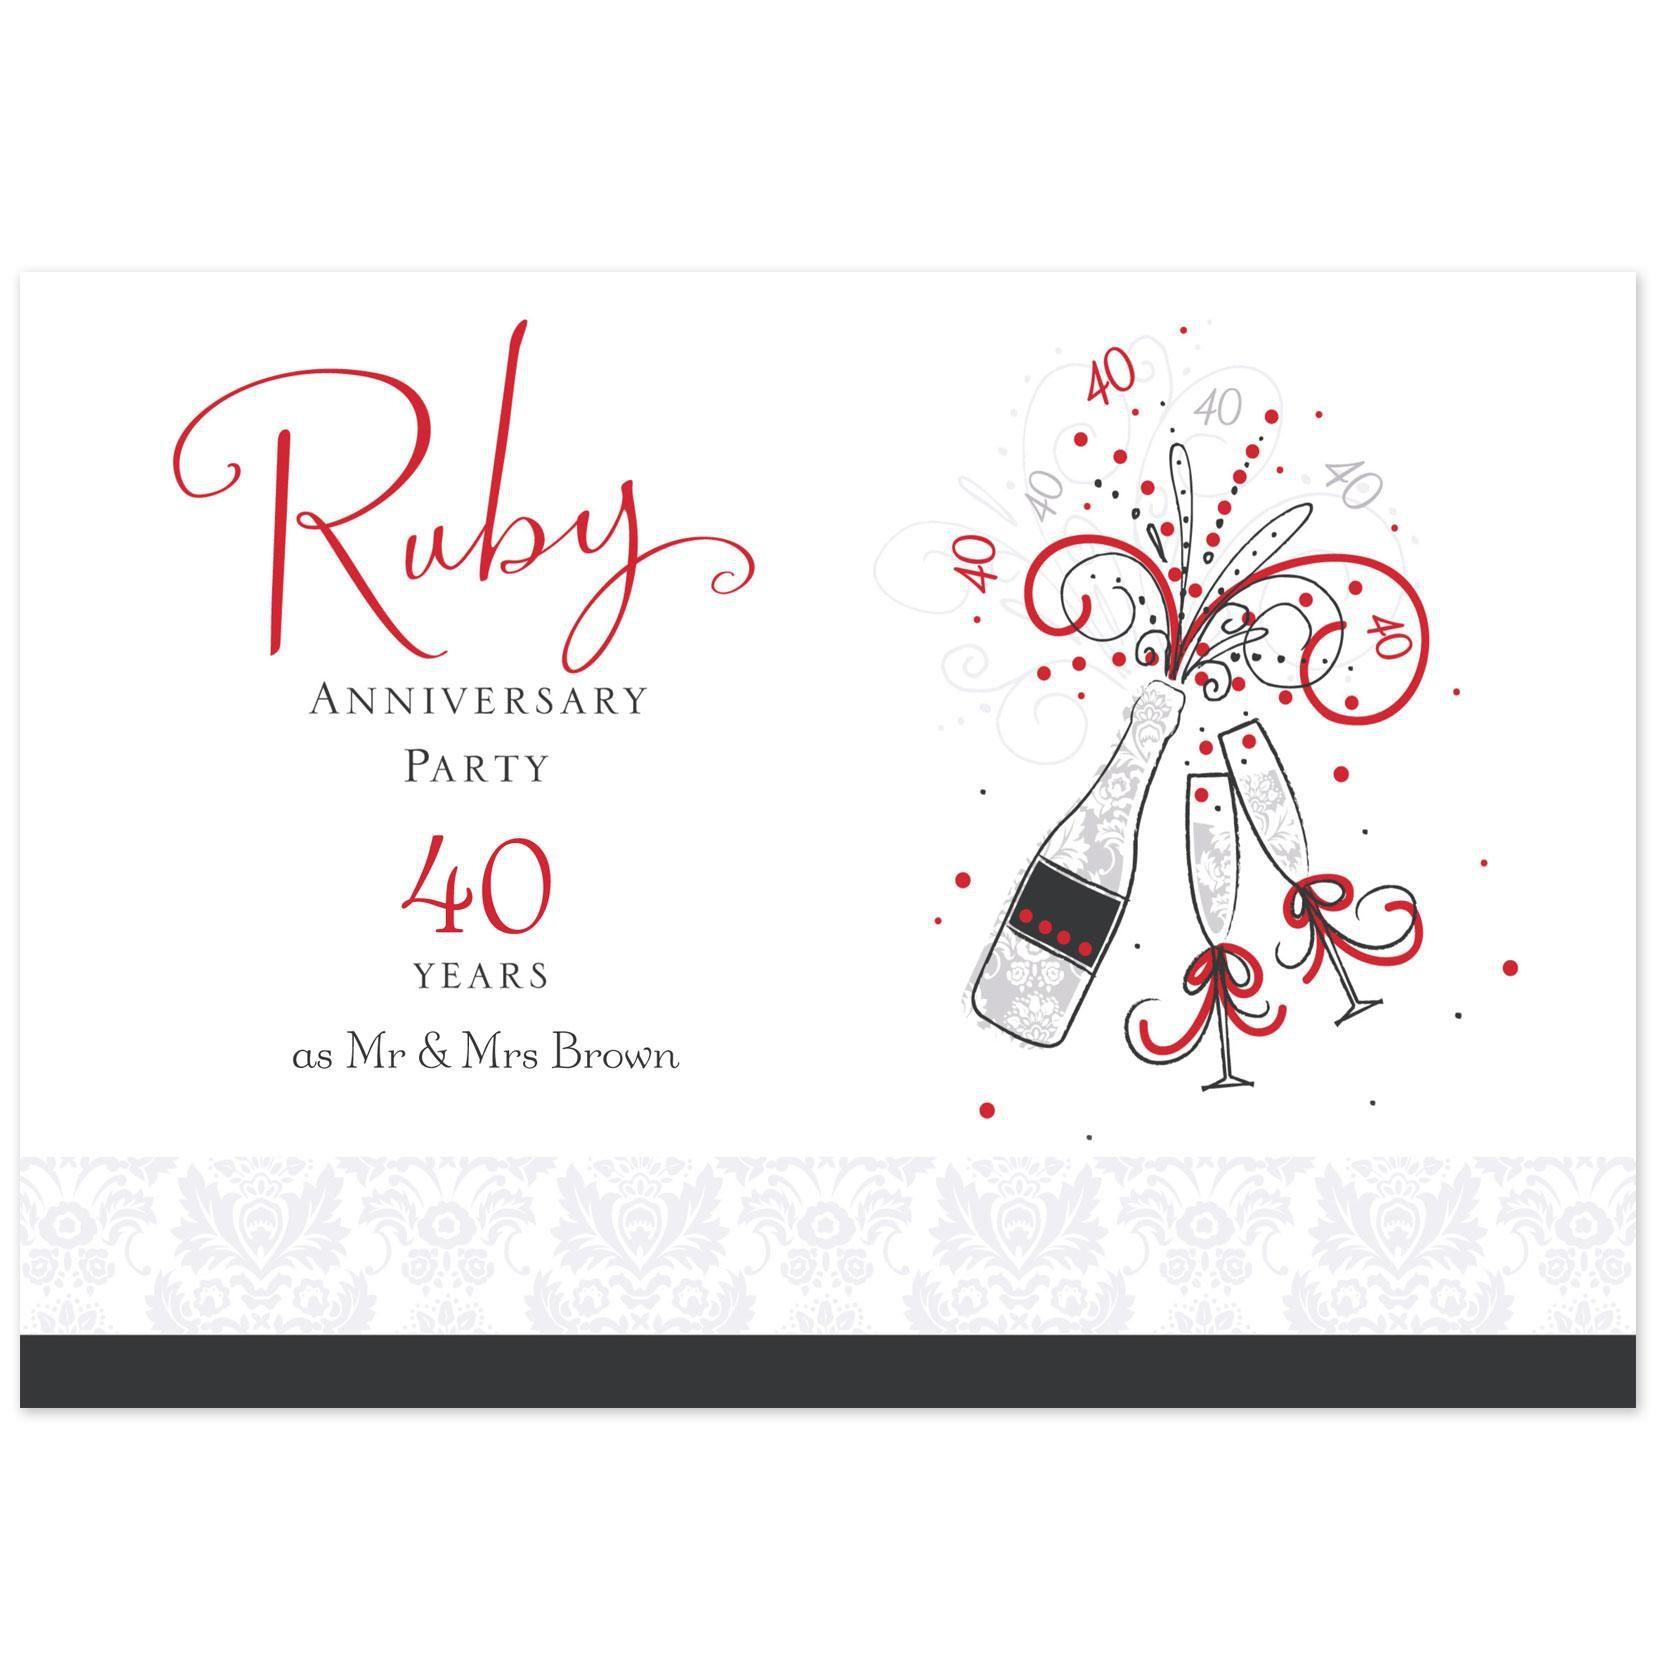 Ruby Anniversary Invitations Uk